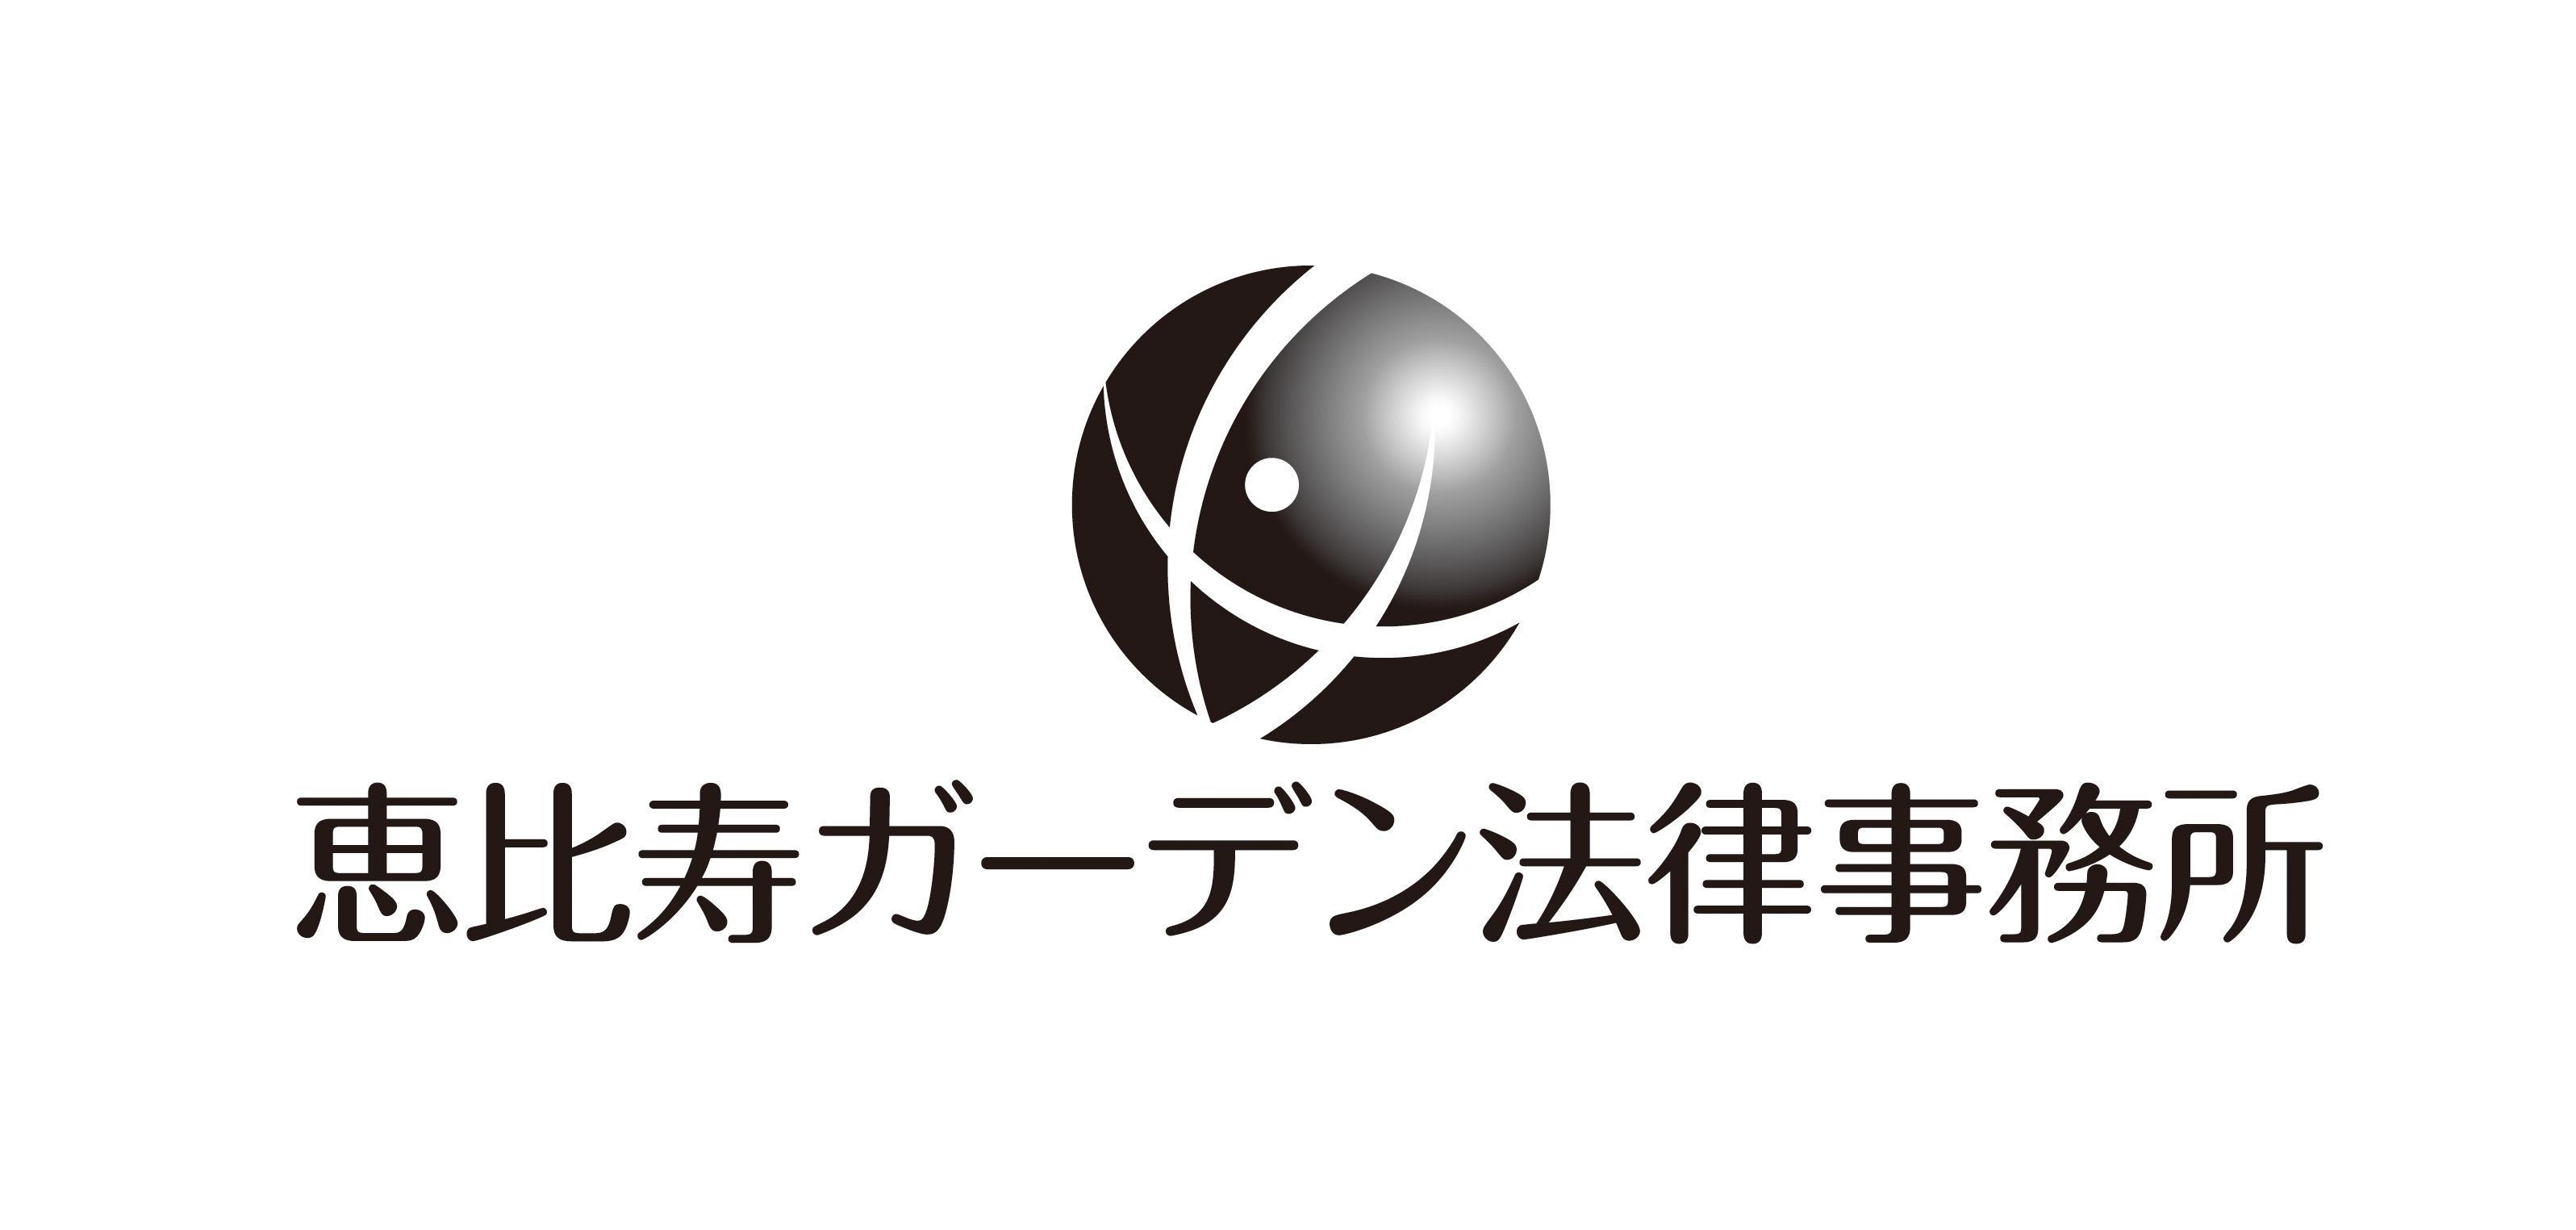 恵比寿ガーデン法律事務所